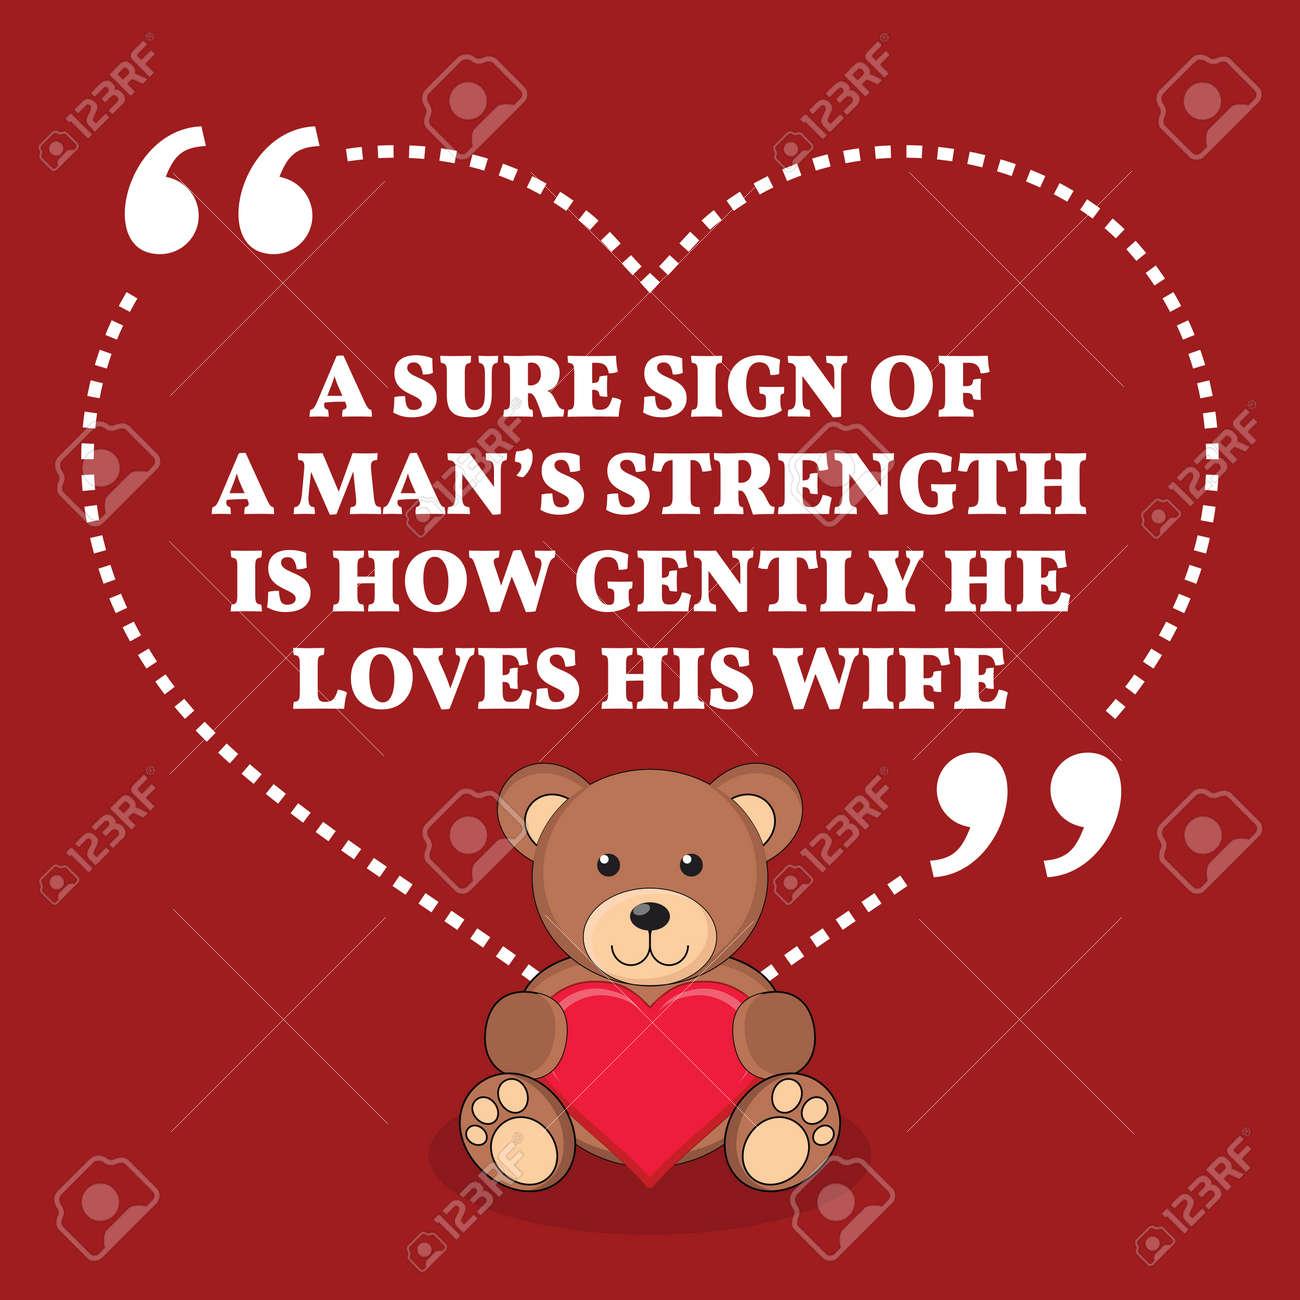 Citation Inspiree Amour De Mariage Un Signe Certain De La Force D Un Homme Est De Savoir Comment Doucement Il Aime Sa Femme Conception A La Mode